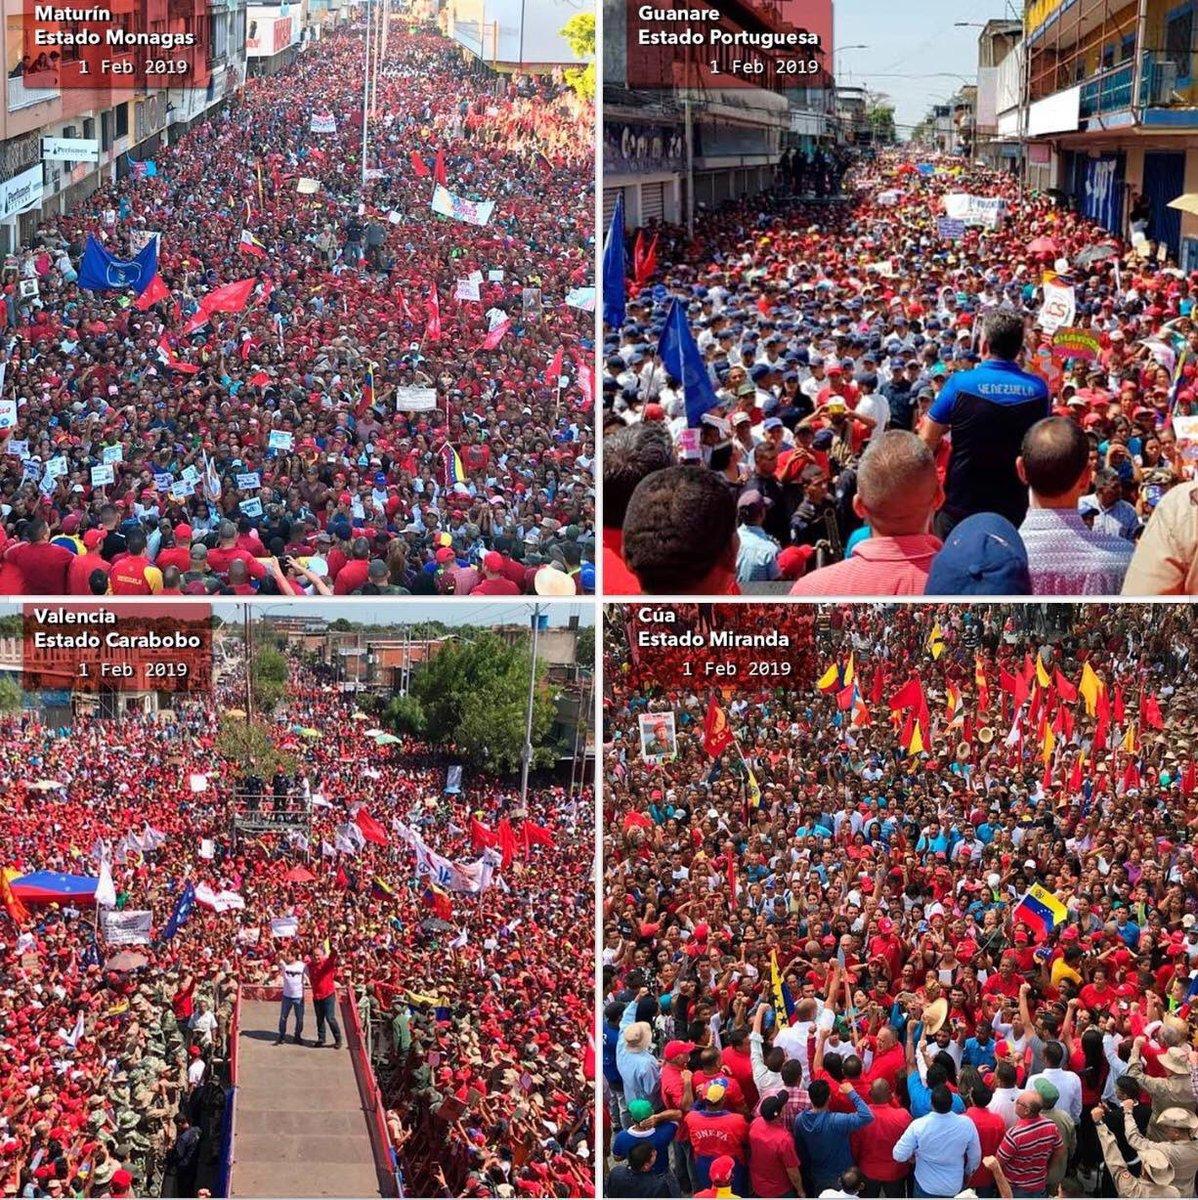 Maturin, Guanare, Valencia, y Cua, Venezuela